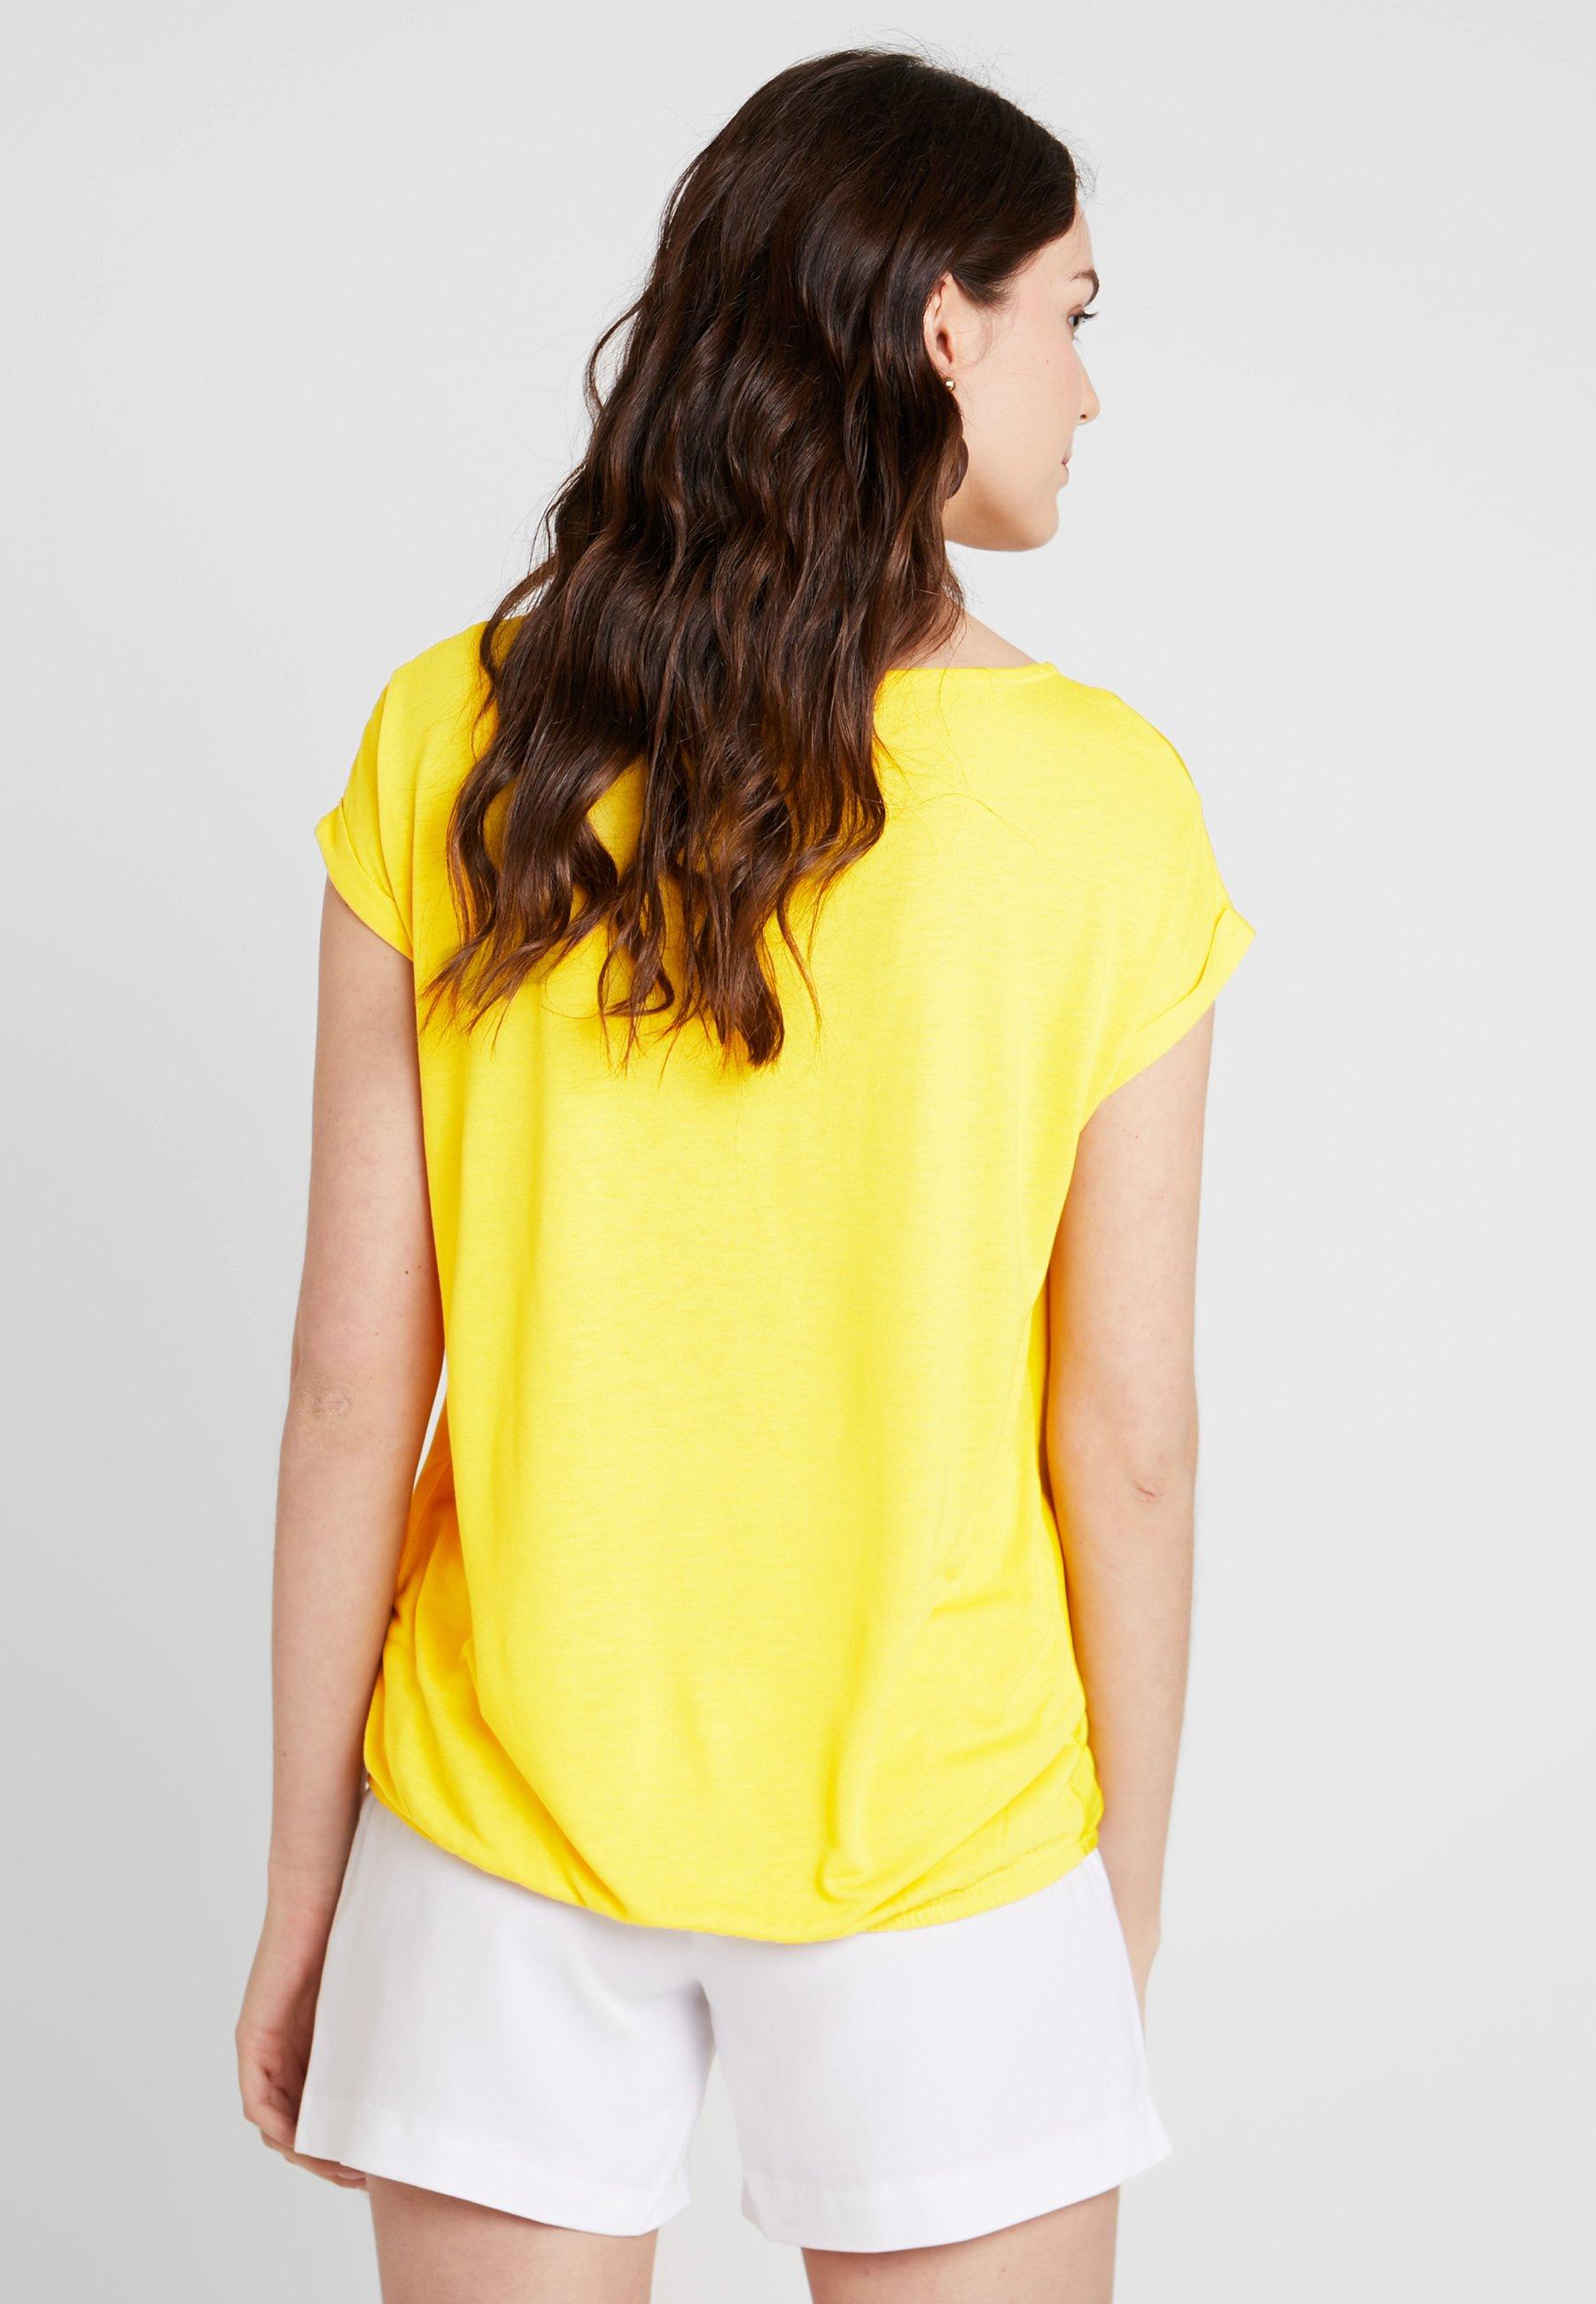 Tailor Tom Yellow Golden Sunflower MixBlouse LzqpGUMVS